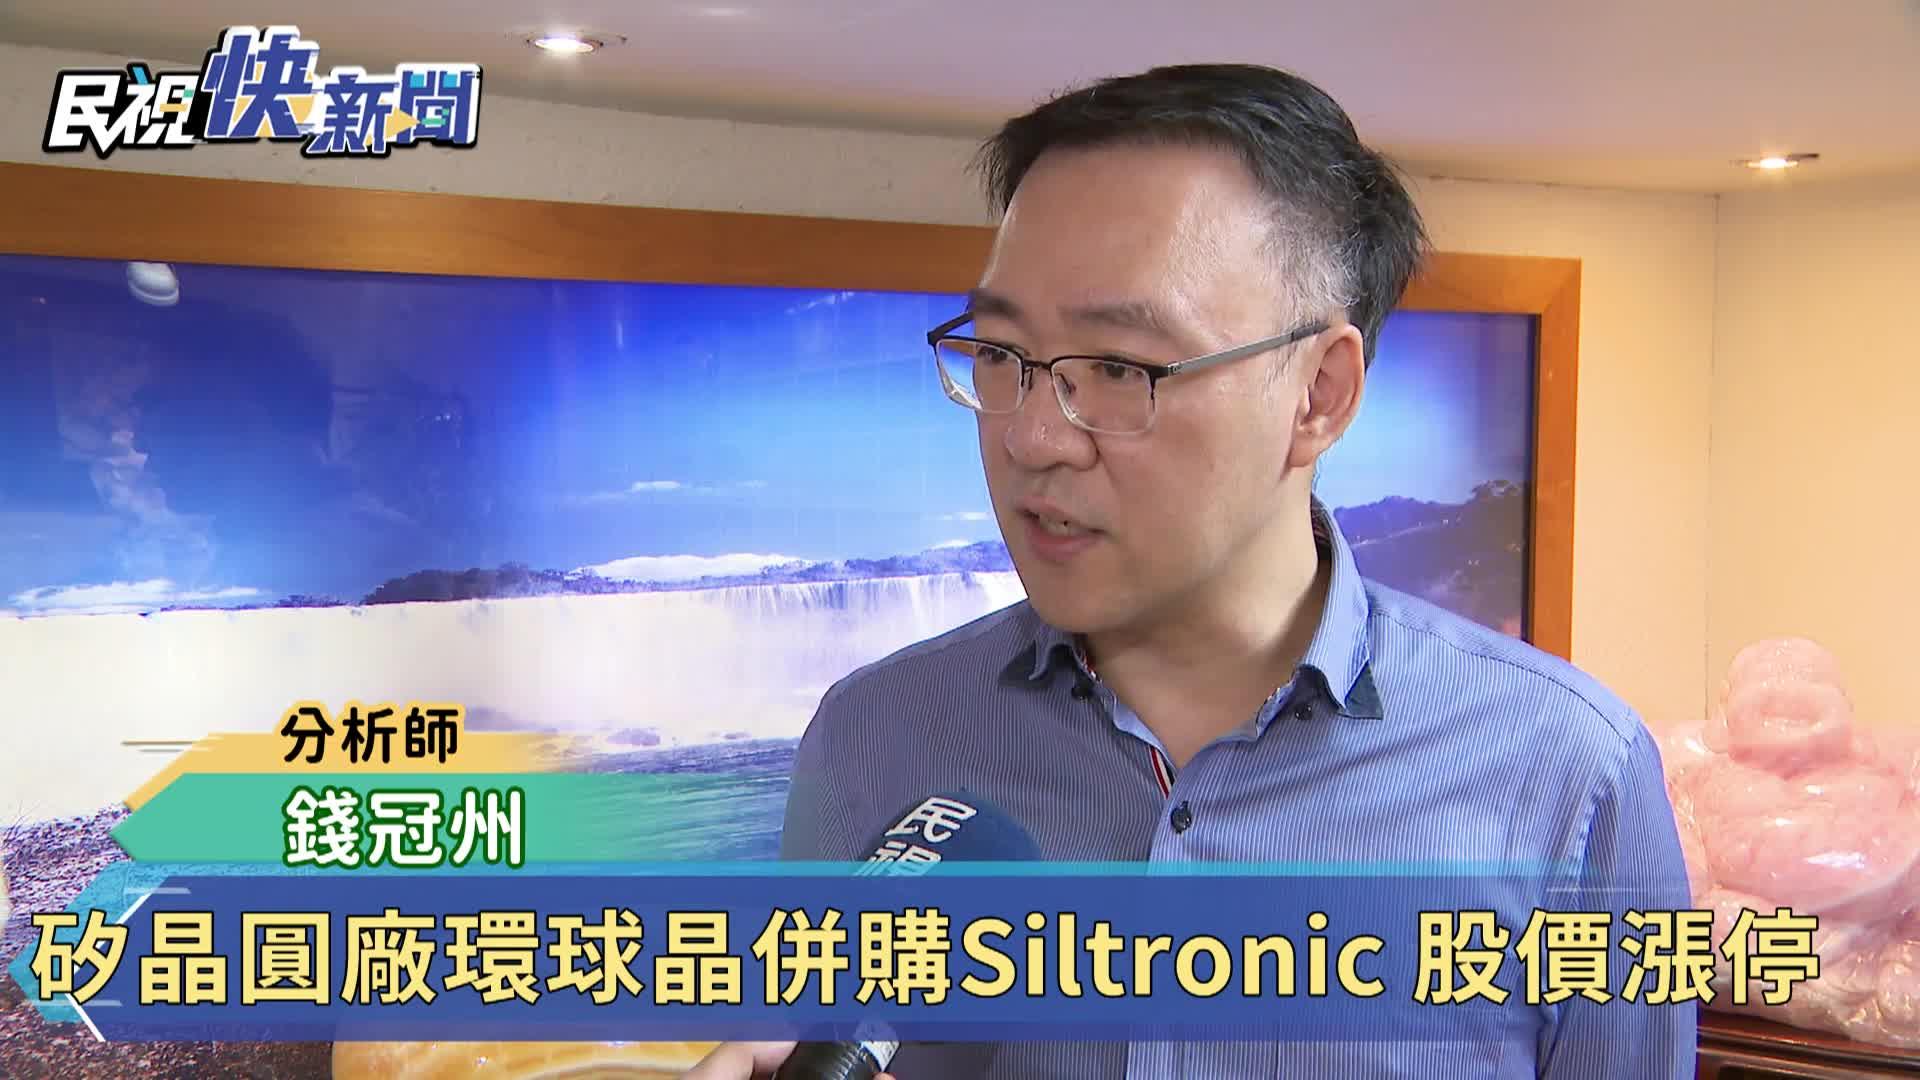 環球晶併購Siltronic 矽晶圓市佔25%股價漲停